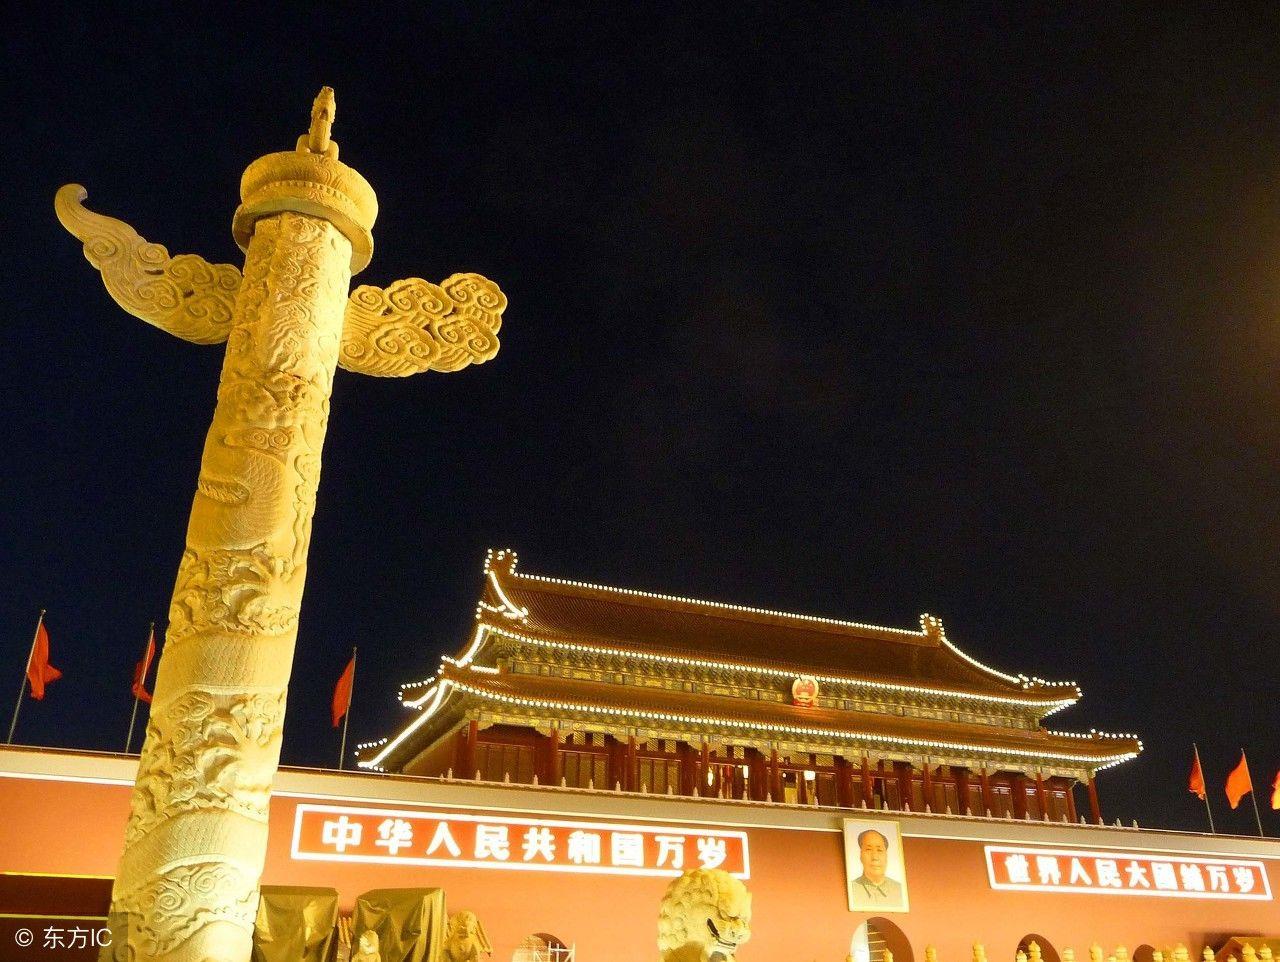 其实这两段石柱叫做华表,分别位于天安门前后,每根华表高9.图片